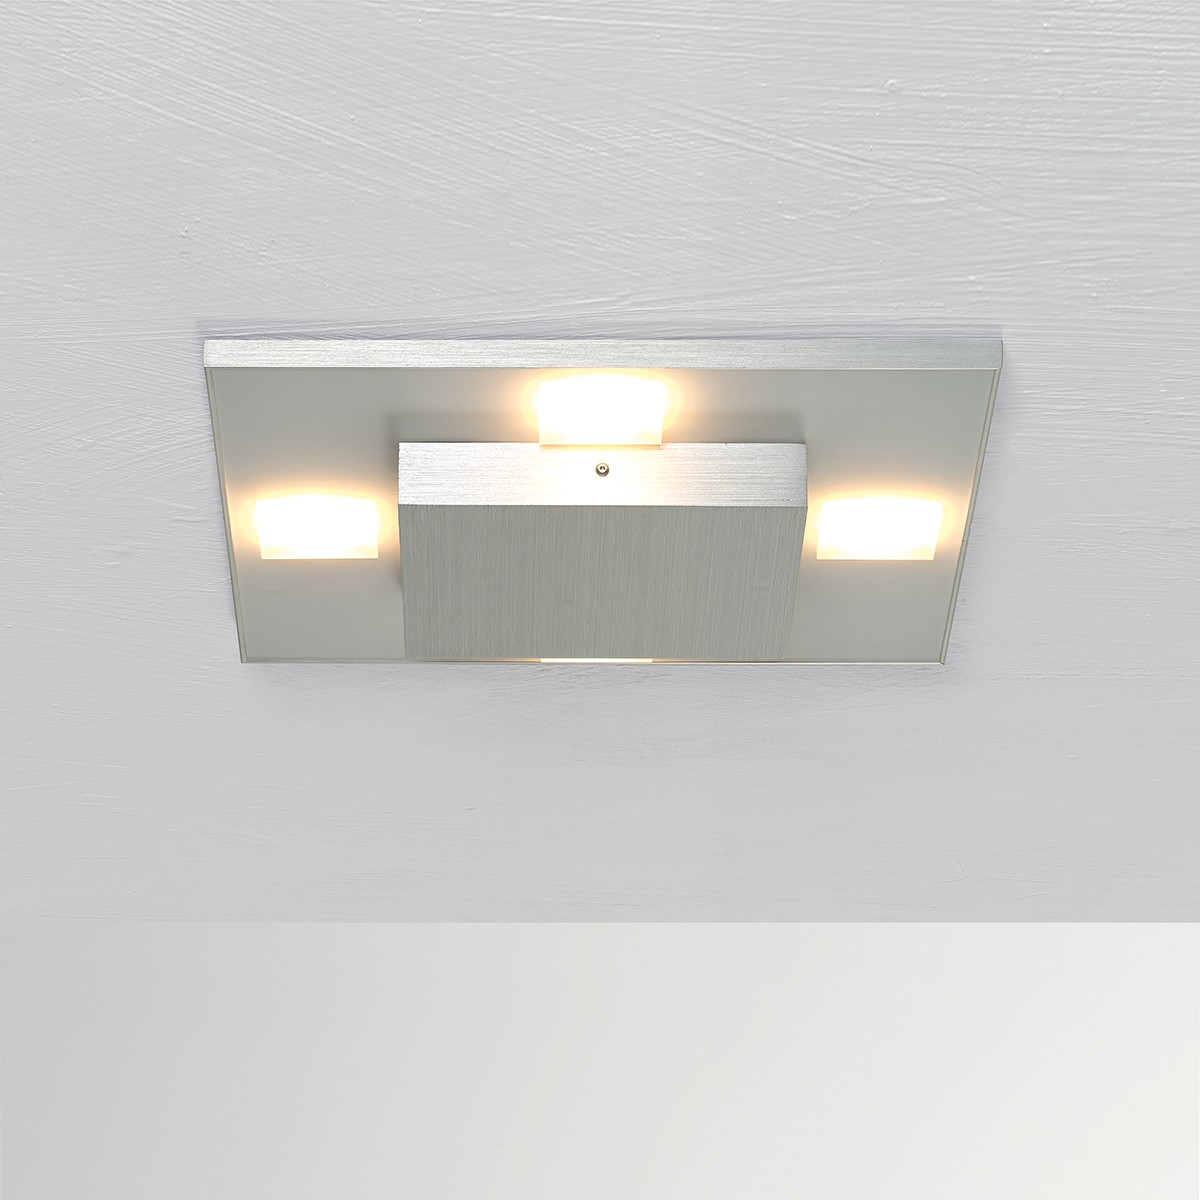 Bopp Slight LED Deckenleuchte, 32 x 32 cm, Aluminium geschliffen